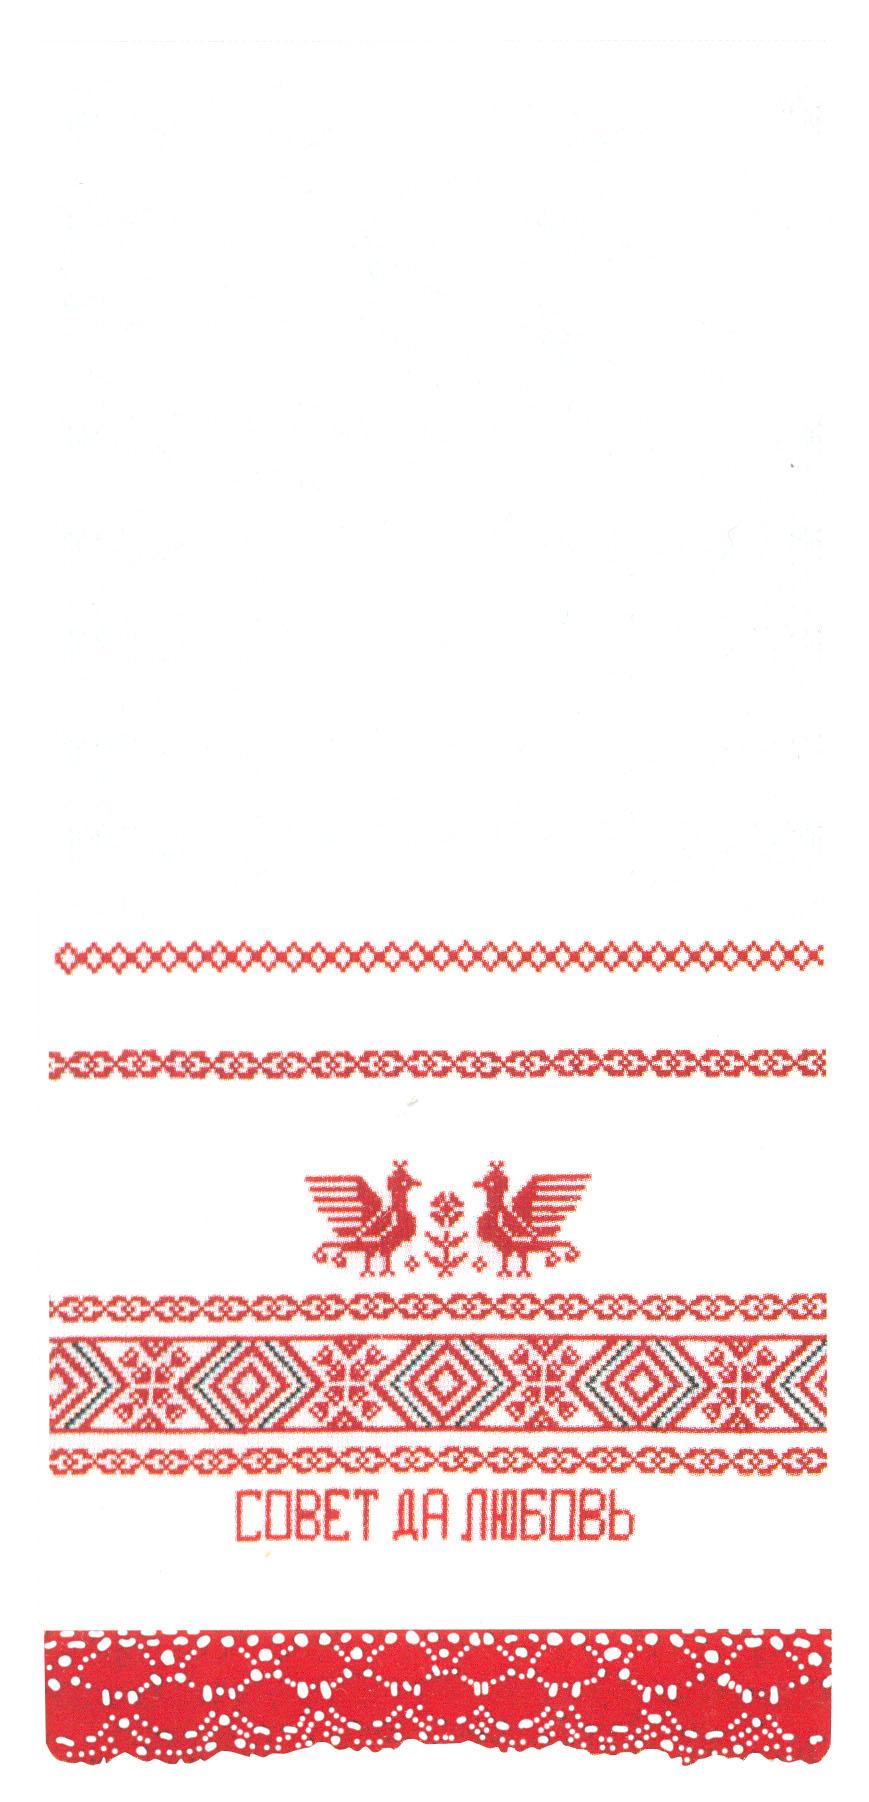 Набор для вышивания крестом Рушник. Совет да любовь, 160 х 40 см680095Красивый рисунок-вышивка, выполненный на канве, выглядит оригинально и всегда модно. Работа, сделанная своими руками, создаст особый уют и атмосферу в доме и долгие годы будет радовать вас и ваших близких. Набор для вышивания содержит все необходимые материалы. Рисунок вышивается швом счетный крест. Схема рассчитана на вышивку в 2 нити. В состав набора входит: - канва №14 белого цвета (100% хлопок, без рисунка), - нитки-мулине ( 1 цвета, 100% хлопок), - цветная схема, - игла для вышивания.